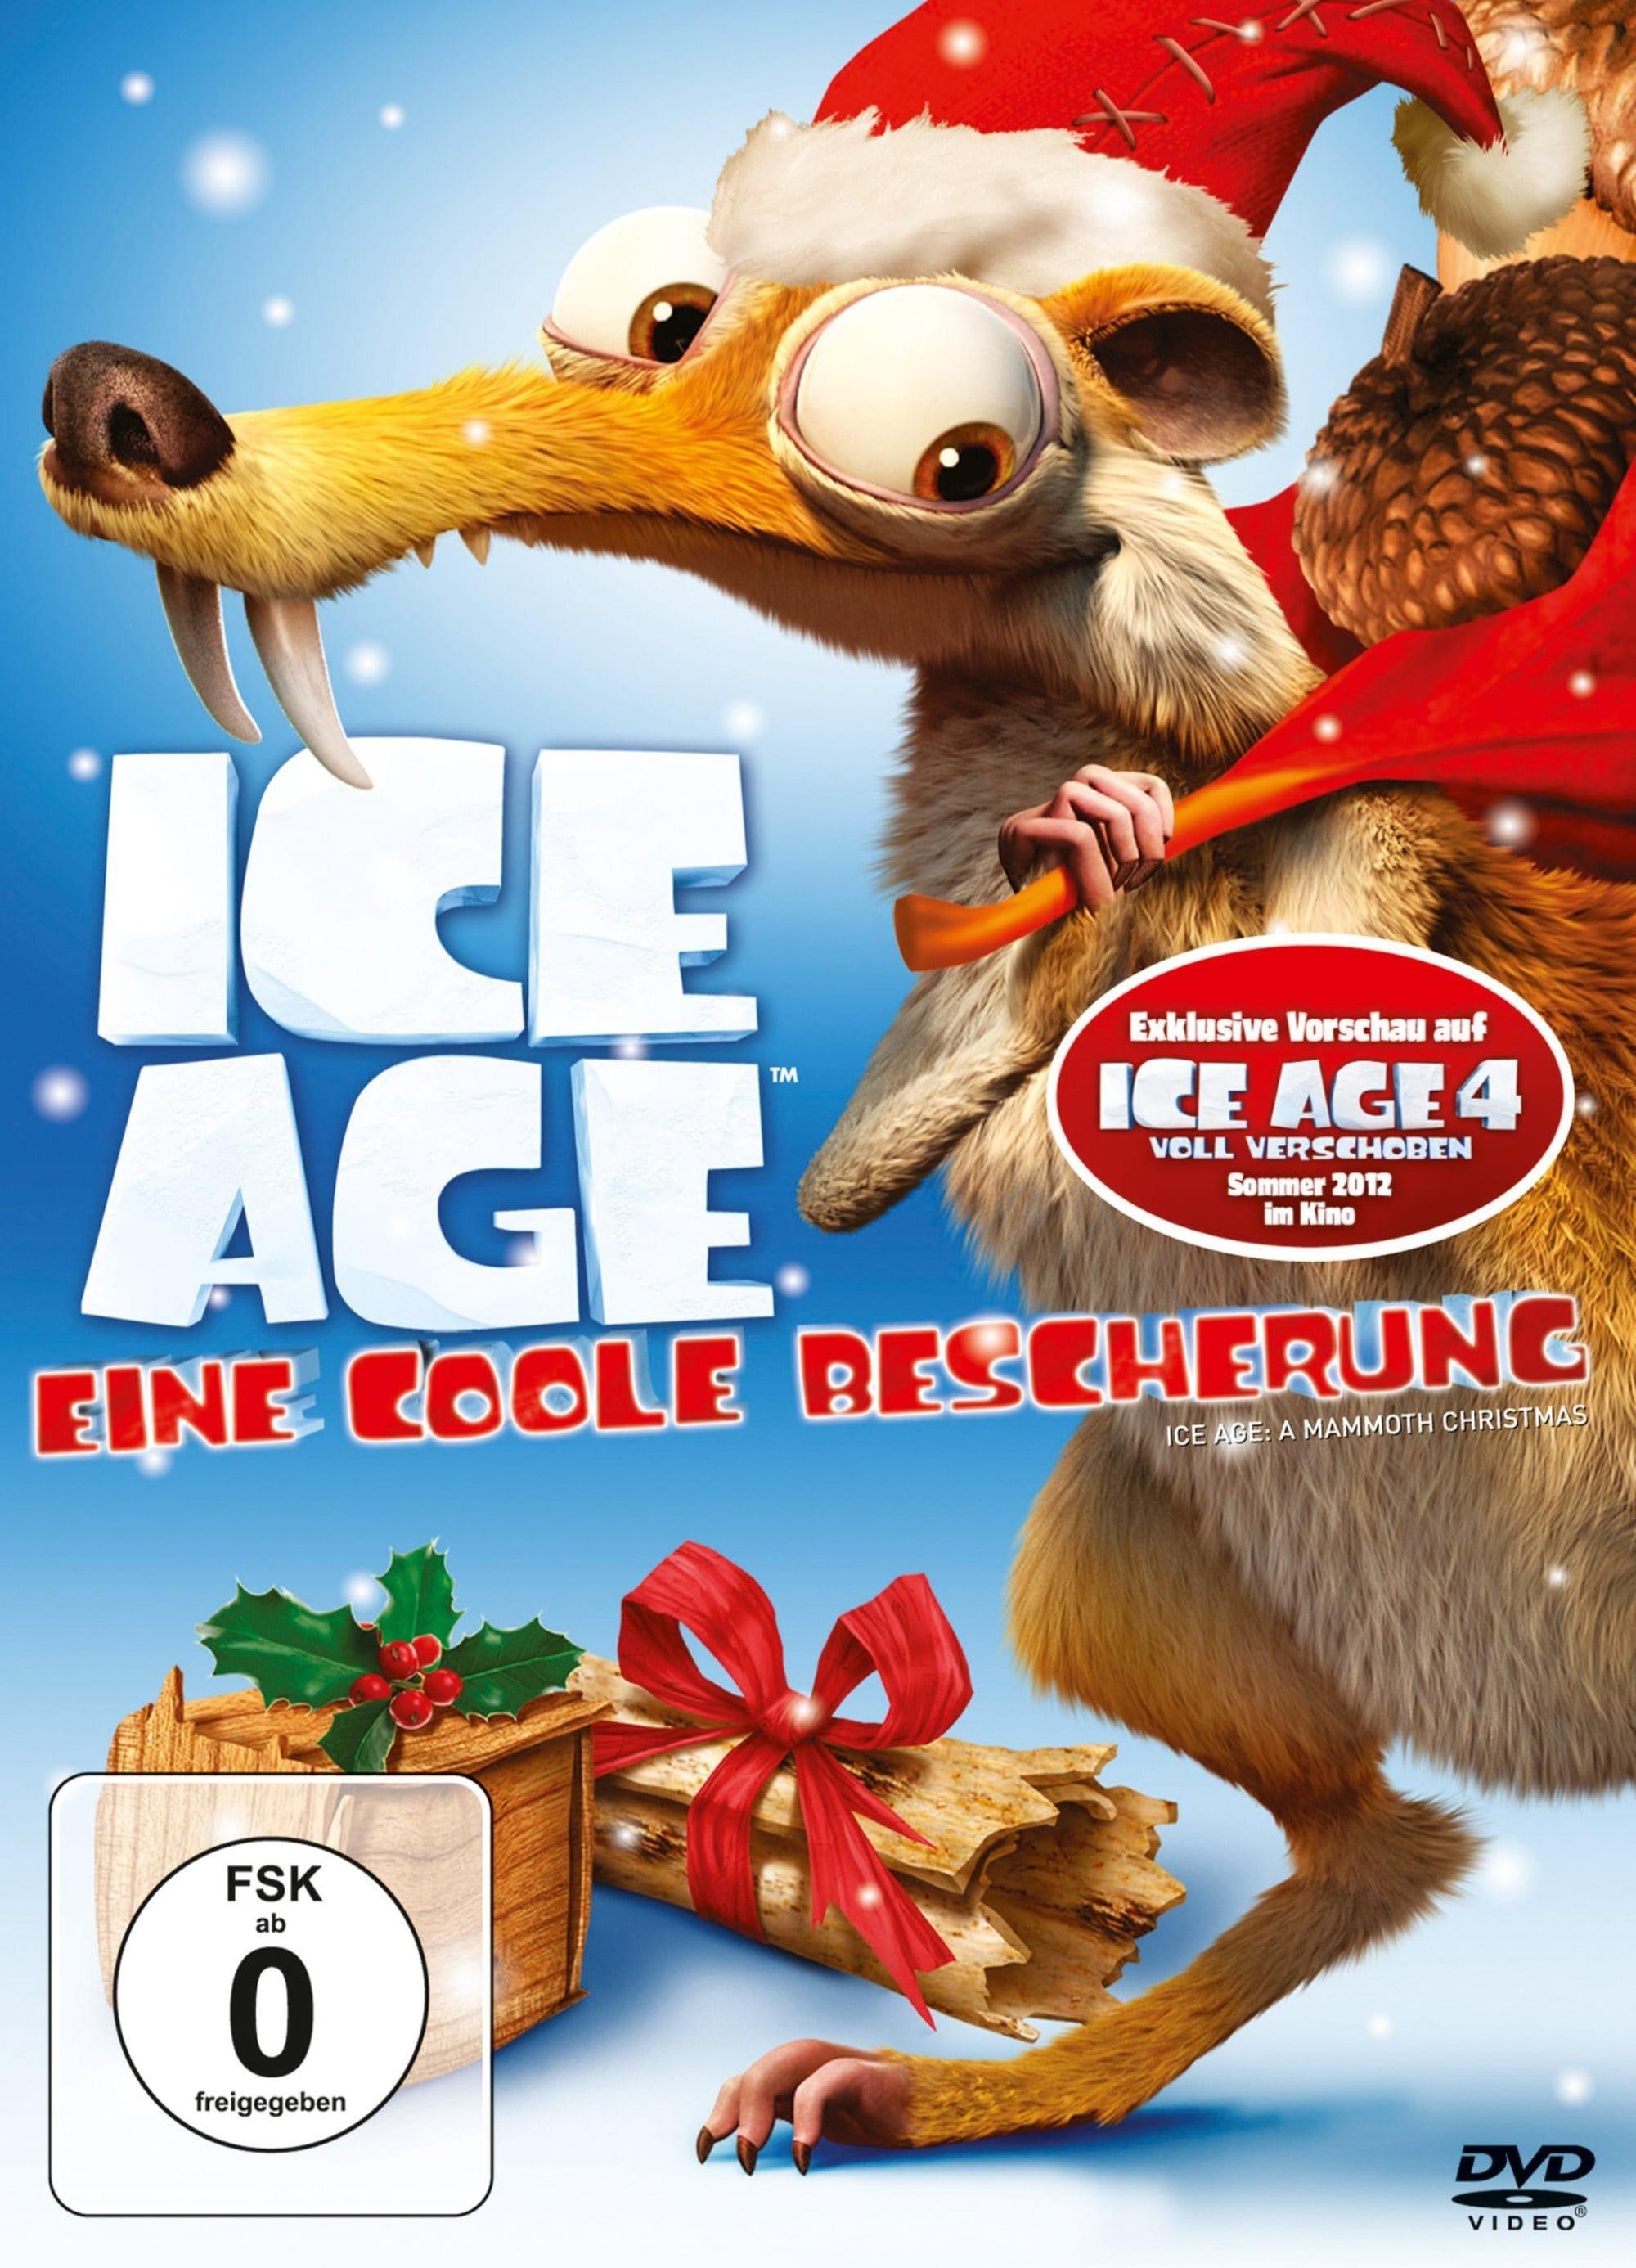 Ice Age Eine Coole Bescherung Ganzer Film Deutsch